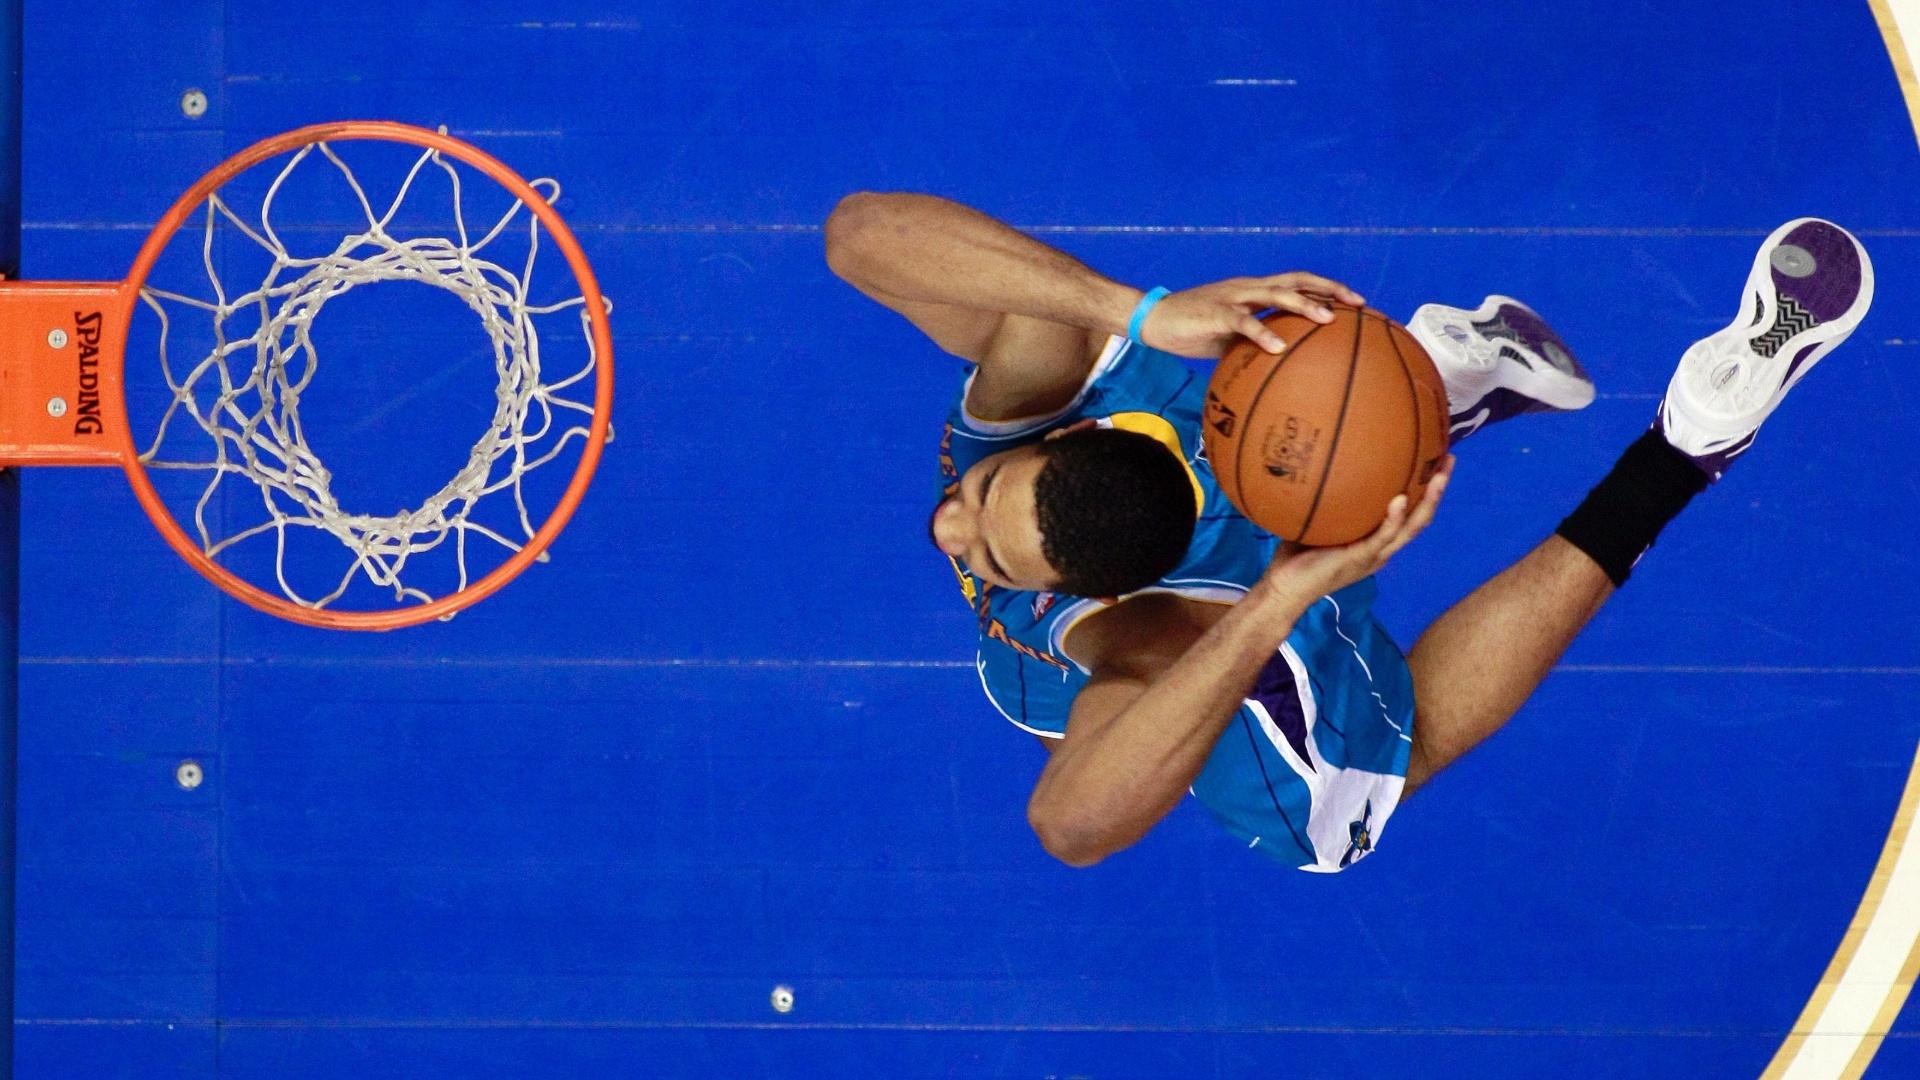 15.jan.2013 - Xavier Henry converte enterrada na vitória do New Orleans Hornets sobre o Philadelphia 76ers